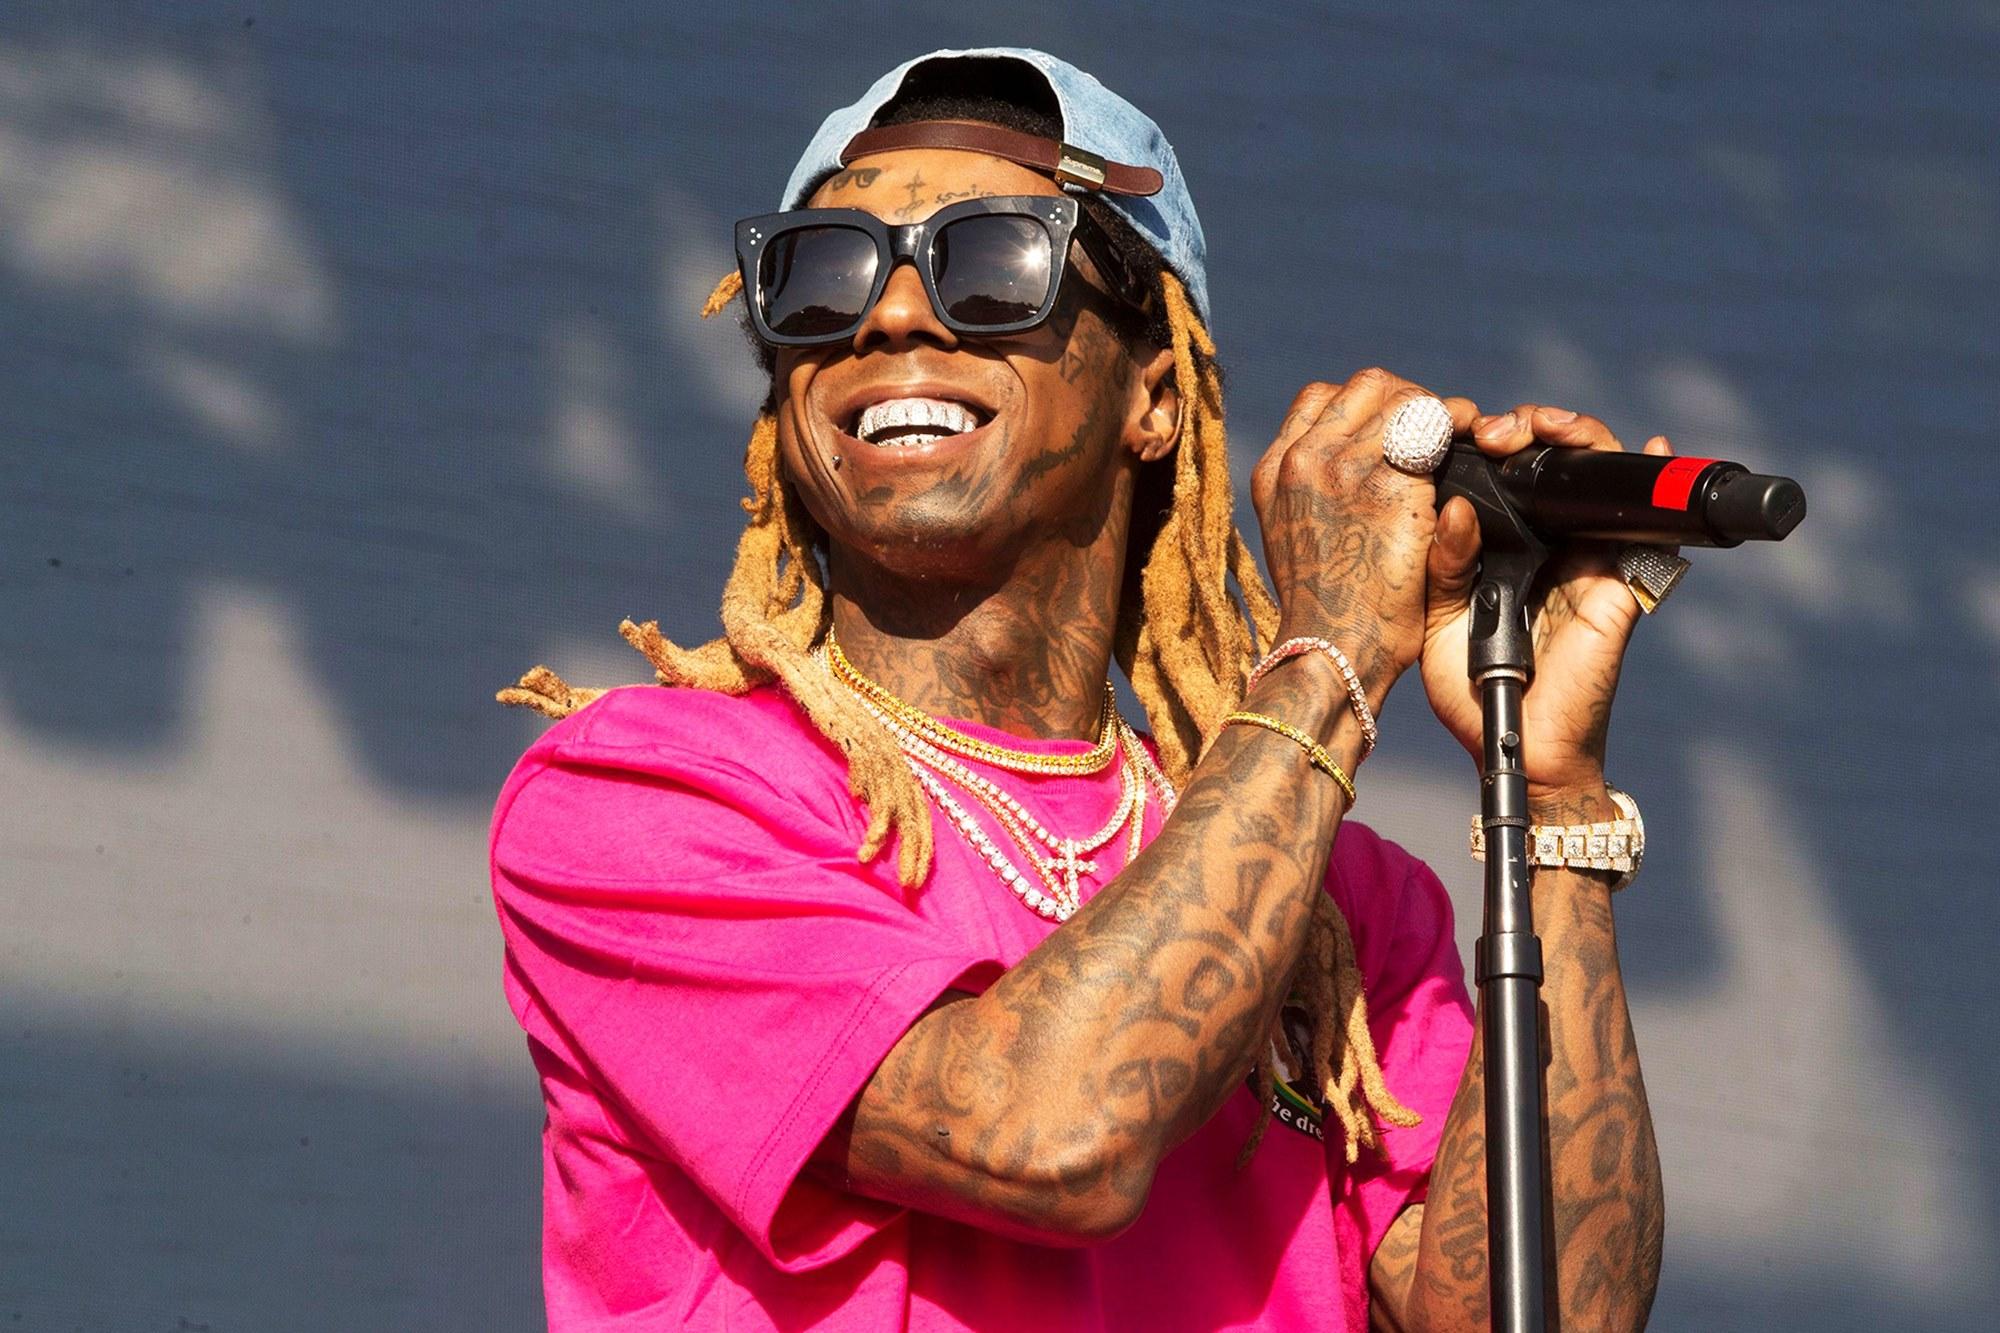 Lil Wayne Arrested In Florida Plane